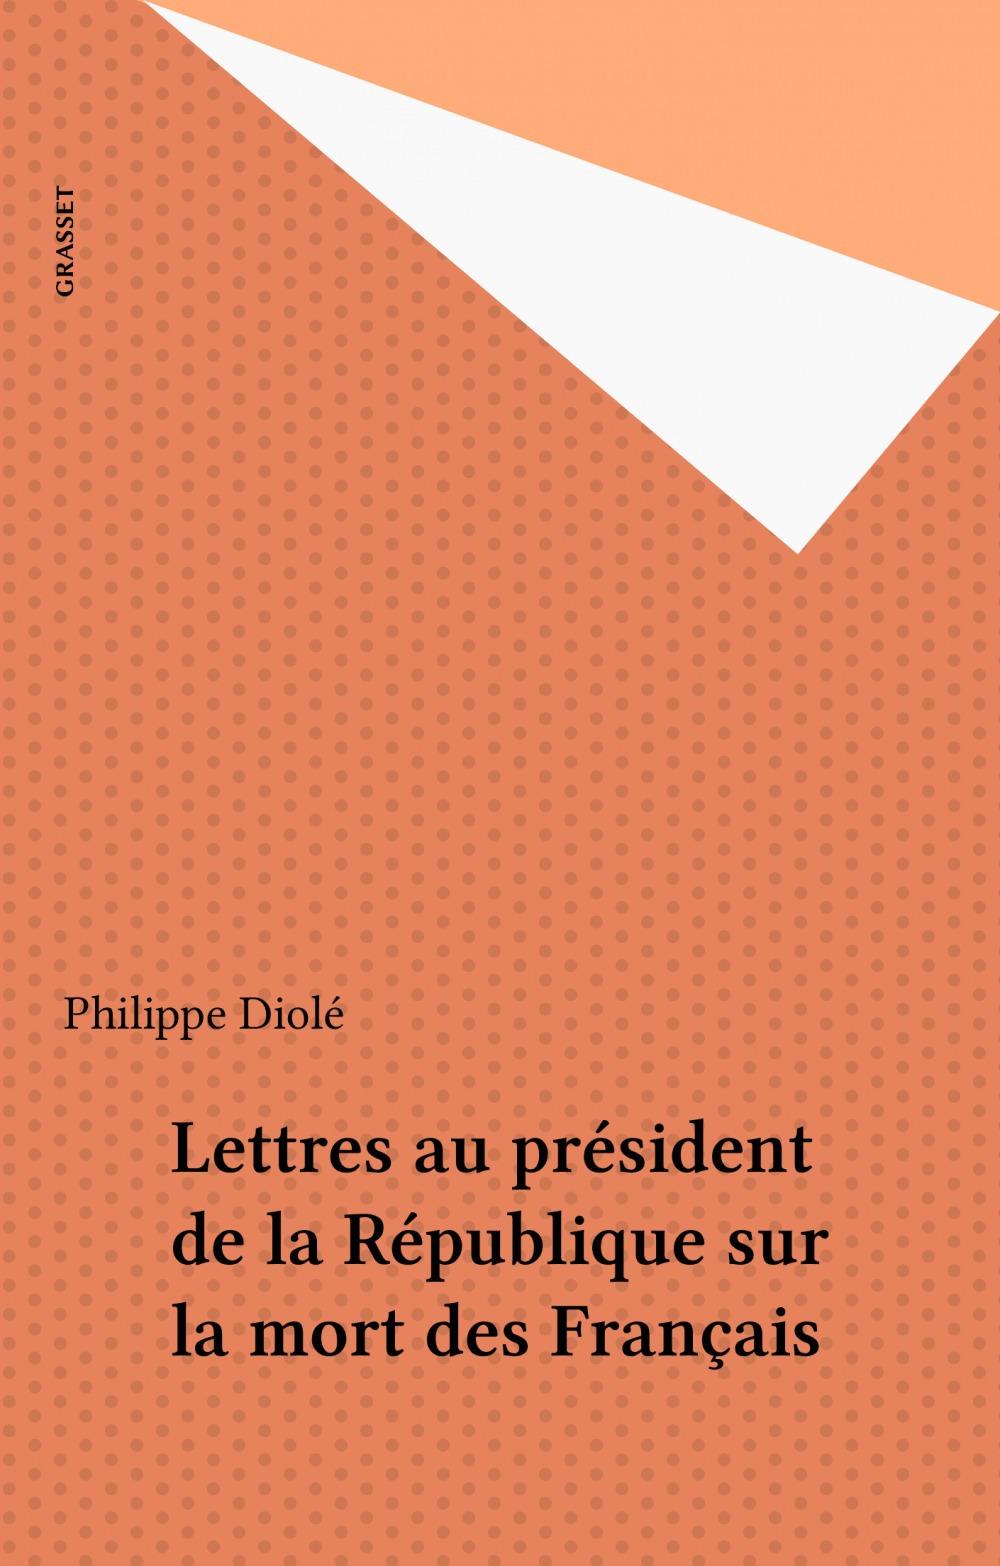 Lettres au président de la République sur la mort des Français